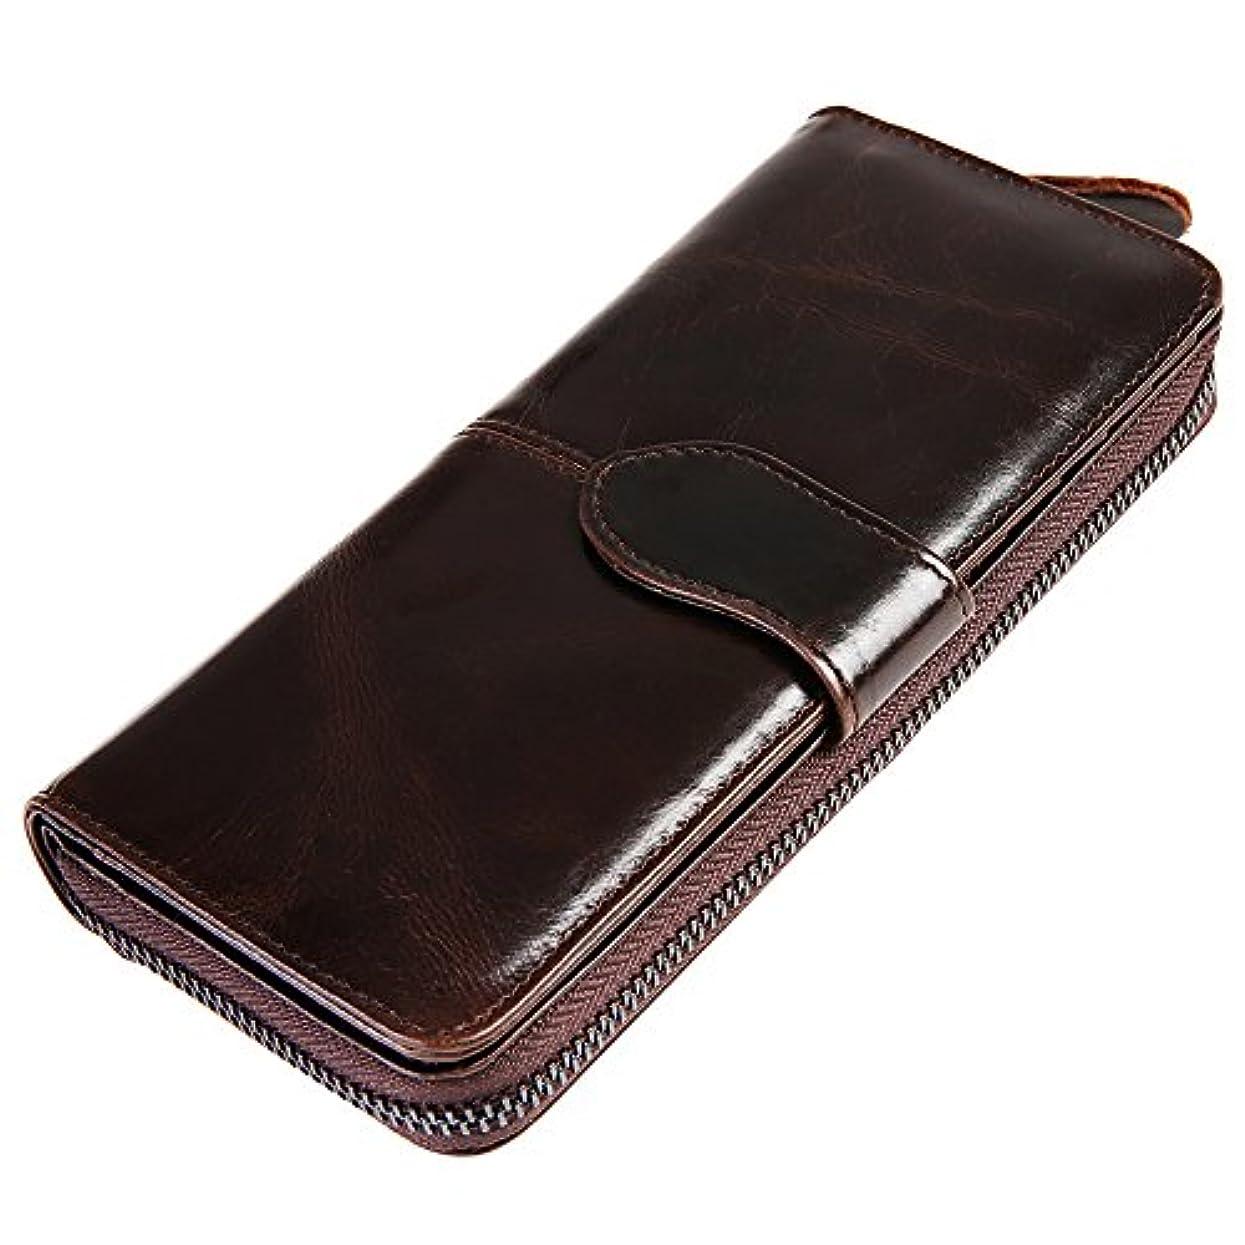 メジャー高度な独立してAllanEudora メンズ 長財布 革 小銭入れ 領収書入れ 財布 カード入れ 11ヶ所 大容量